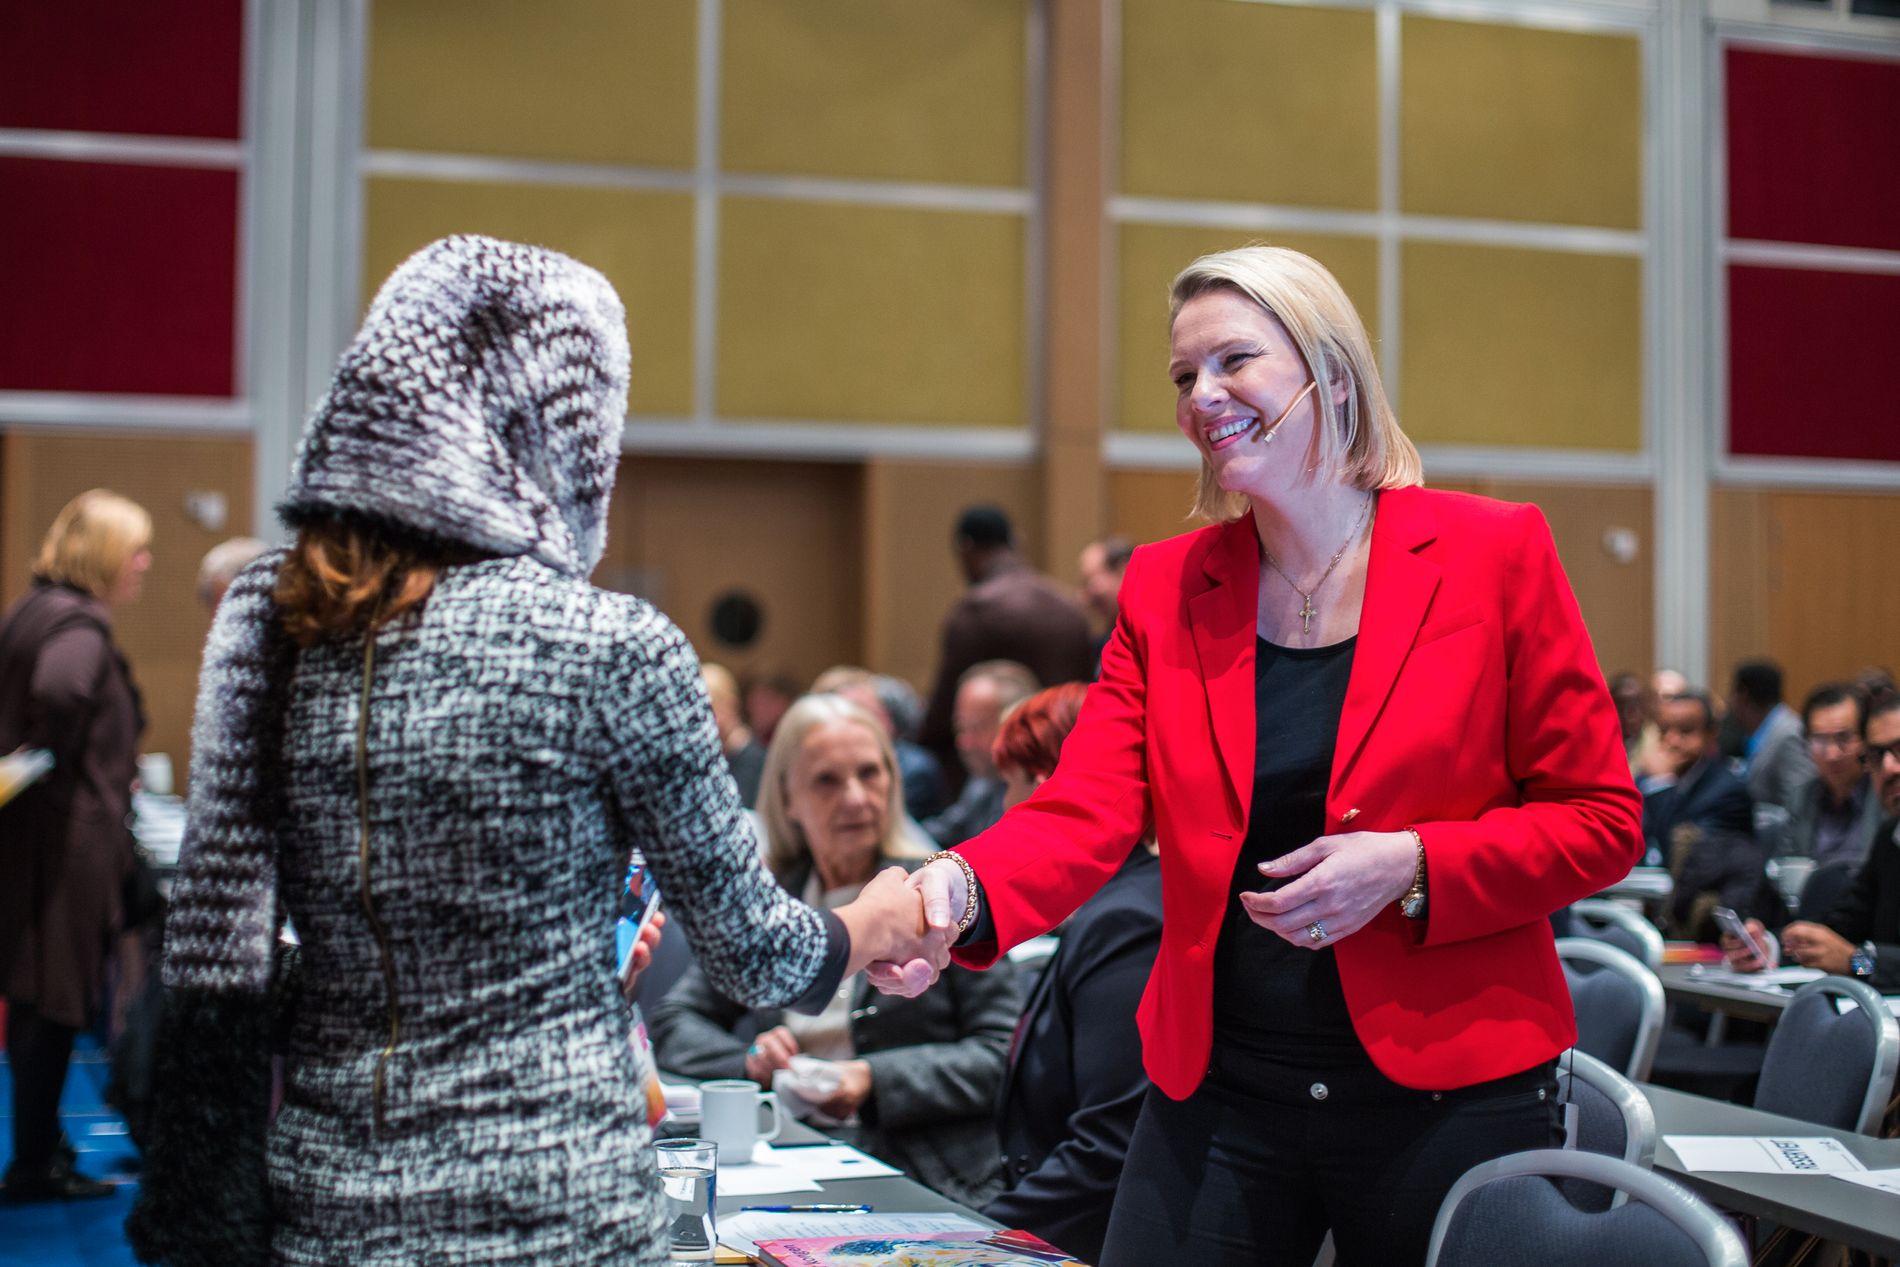 INTEGRERING: Innvandrings- og integreringsminister Sylvi Listhaug hilser på en av de fremmøtte ved en integreringskonferanse i Oslo i høst. En ny forskning viser at Norge har utfordringer knyttet til langvarig integrering av innvandrere i arbeidsmarkedet.